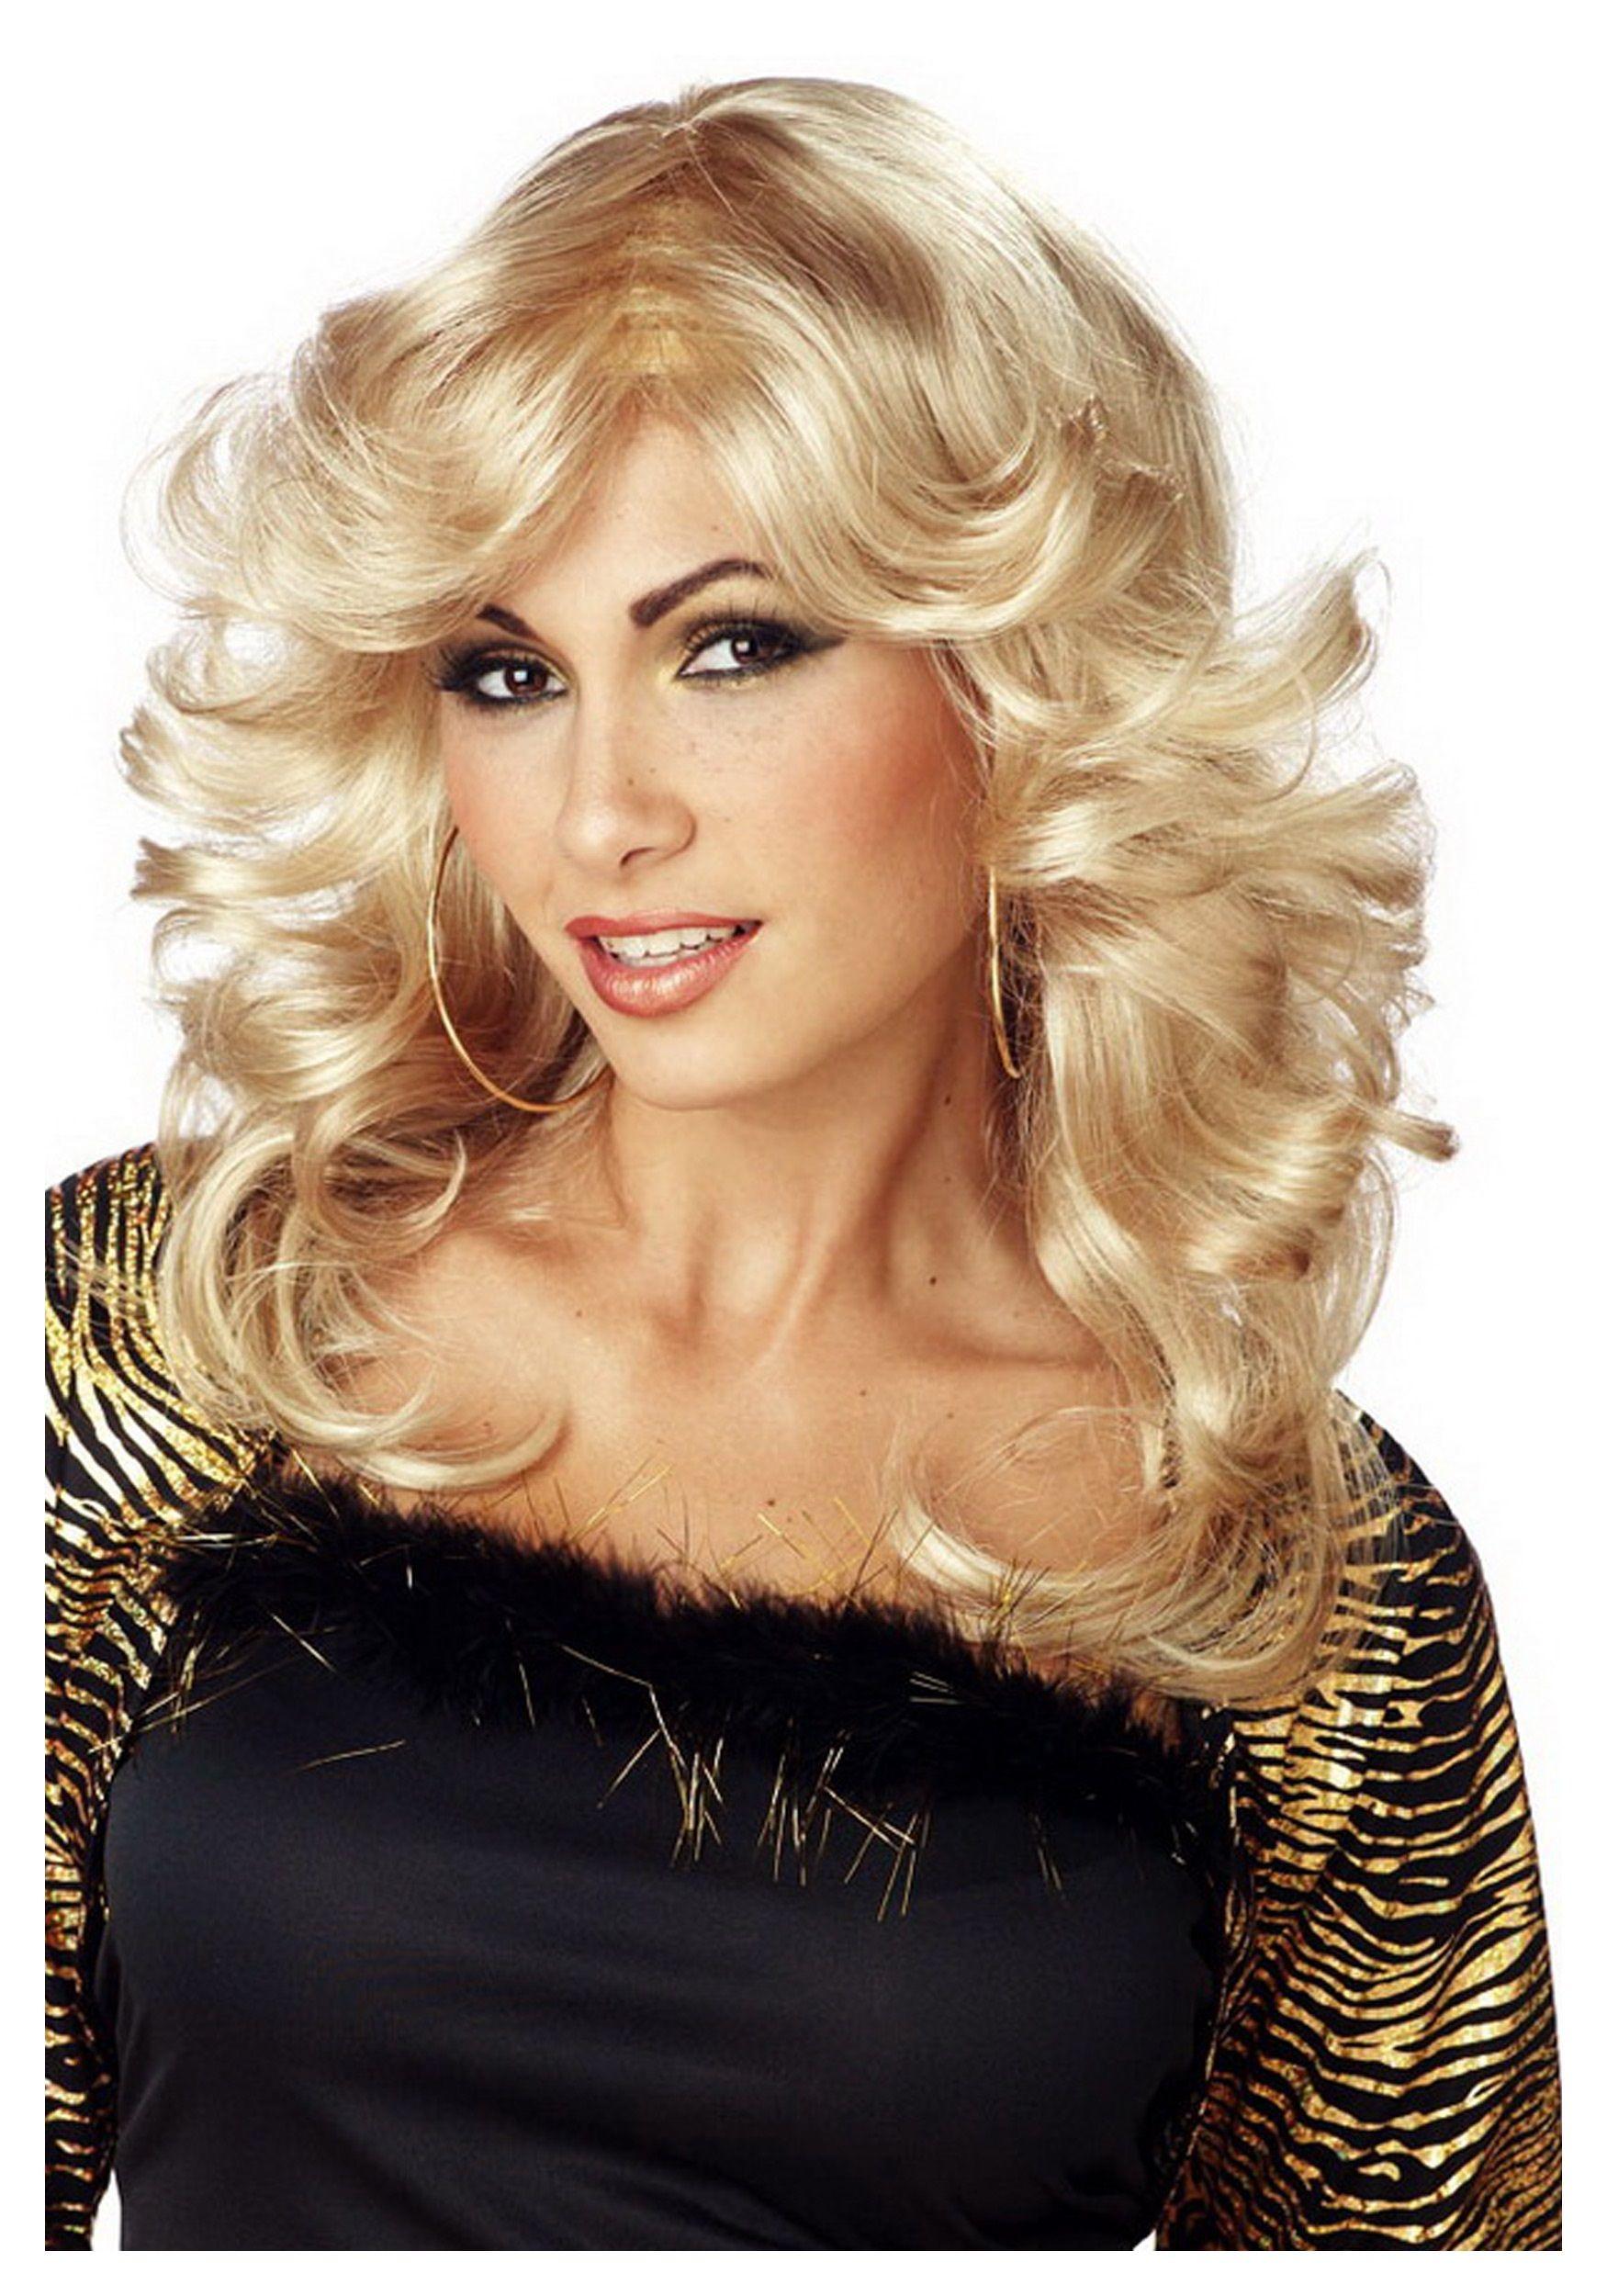 disco mama wig | 70s accessories | 70s hair, wigs, disco hair